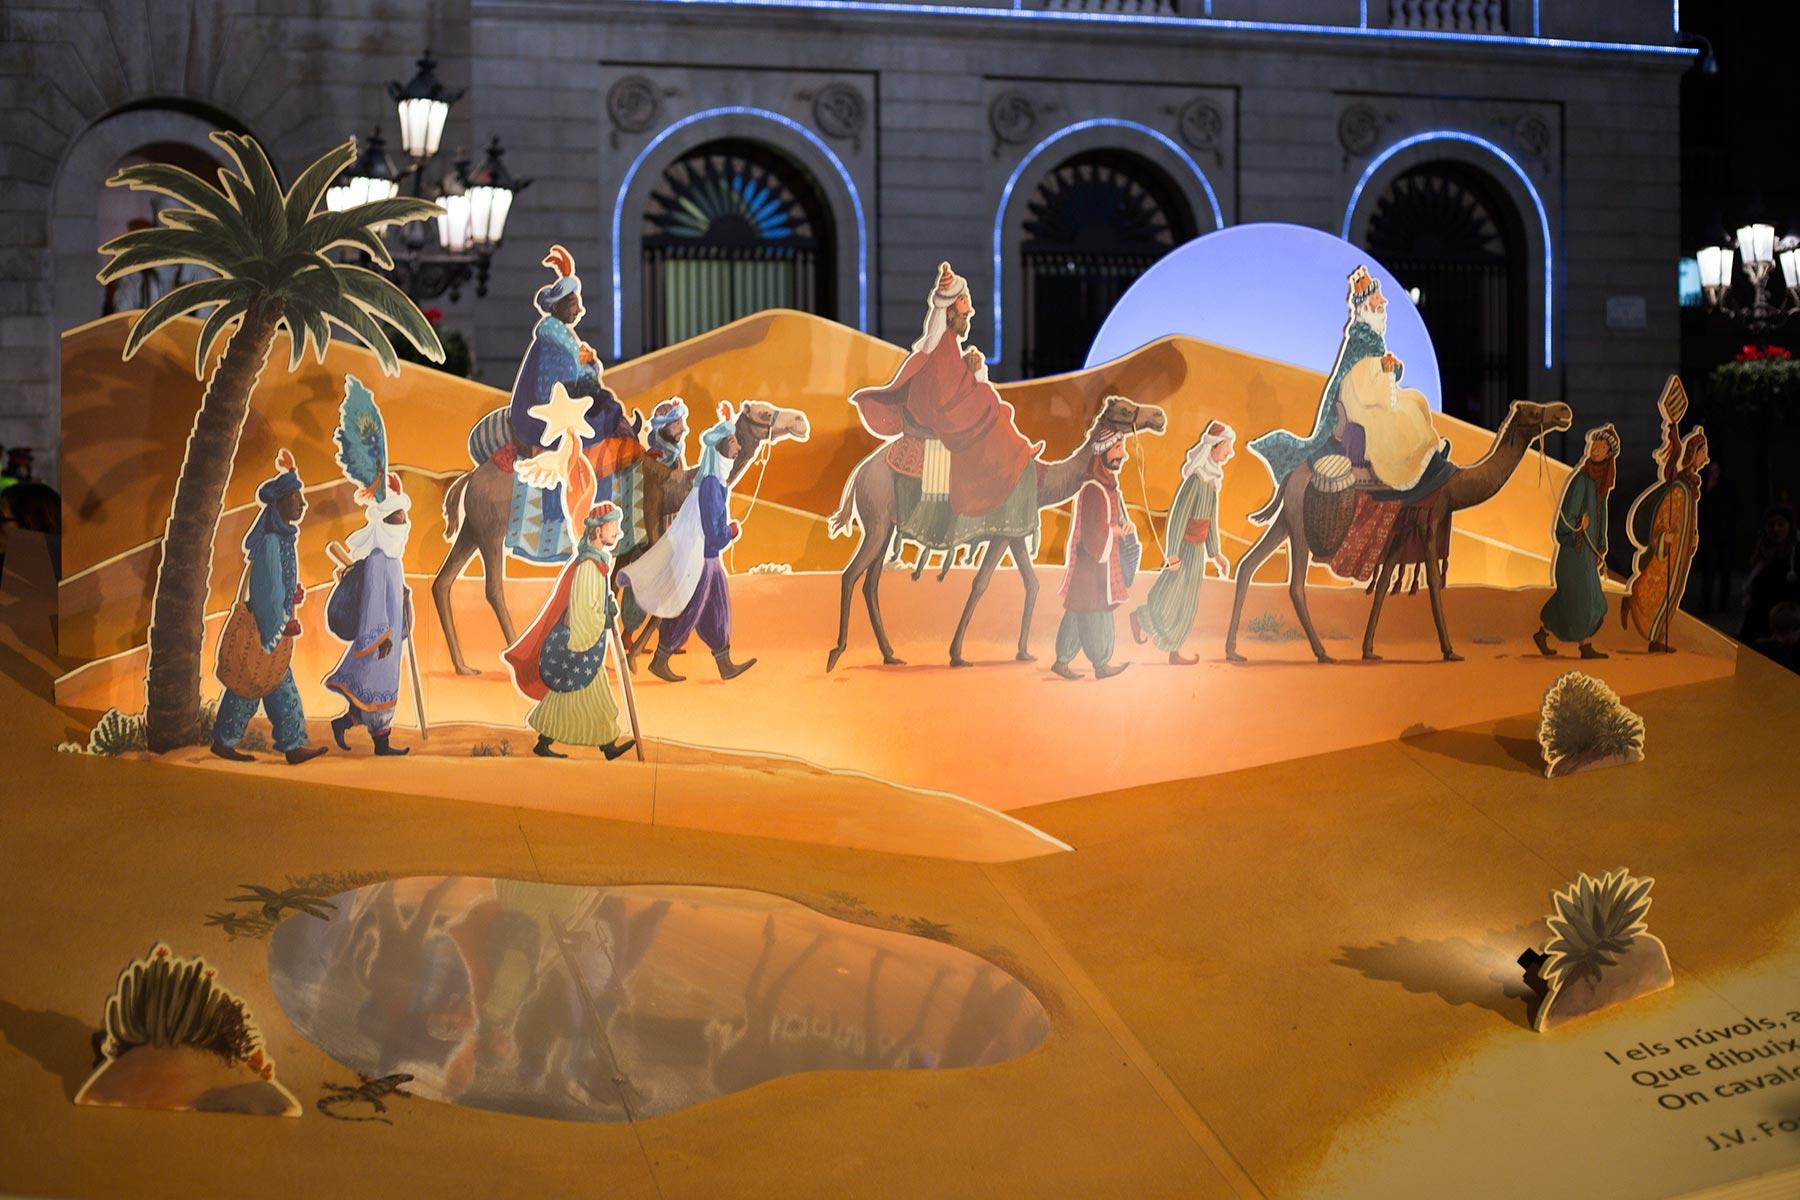 Tänä vuonna Plaça Sant Jaumen joulukuvaelma oli tehty pahvista. © tripsteri.fi / Tuulia Kolehmainen